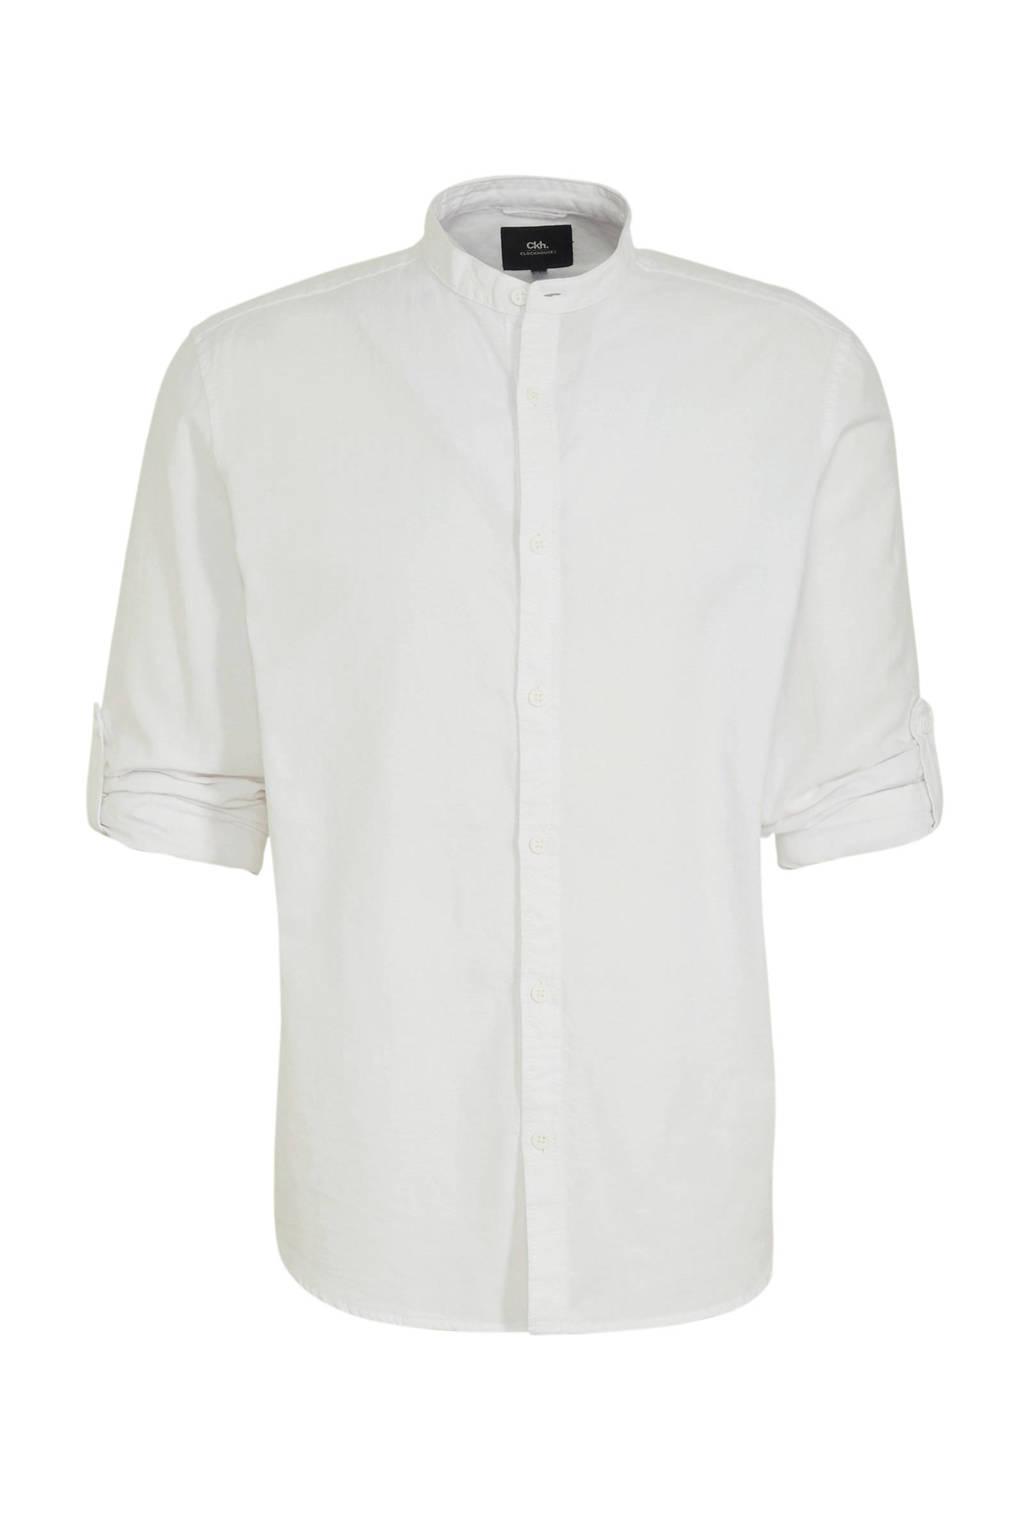 C&A Clockhouse slim fit overhemd met biologisch katoen wit, Wit